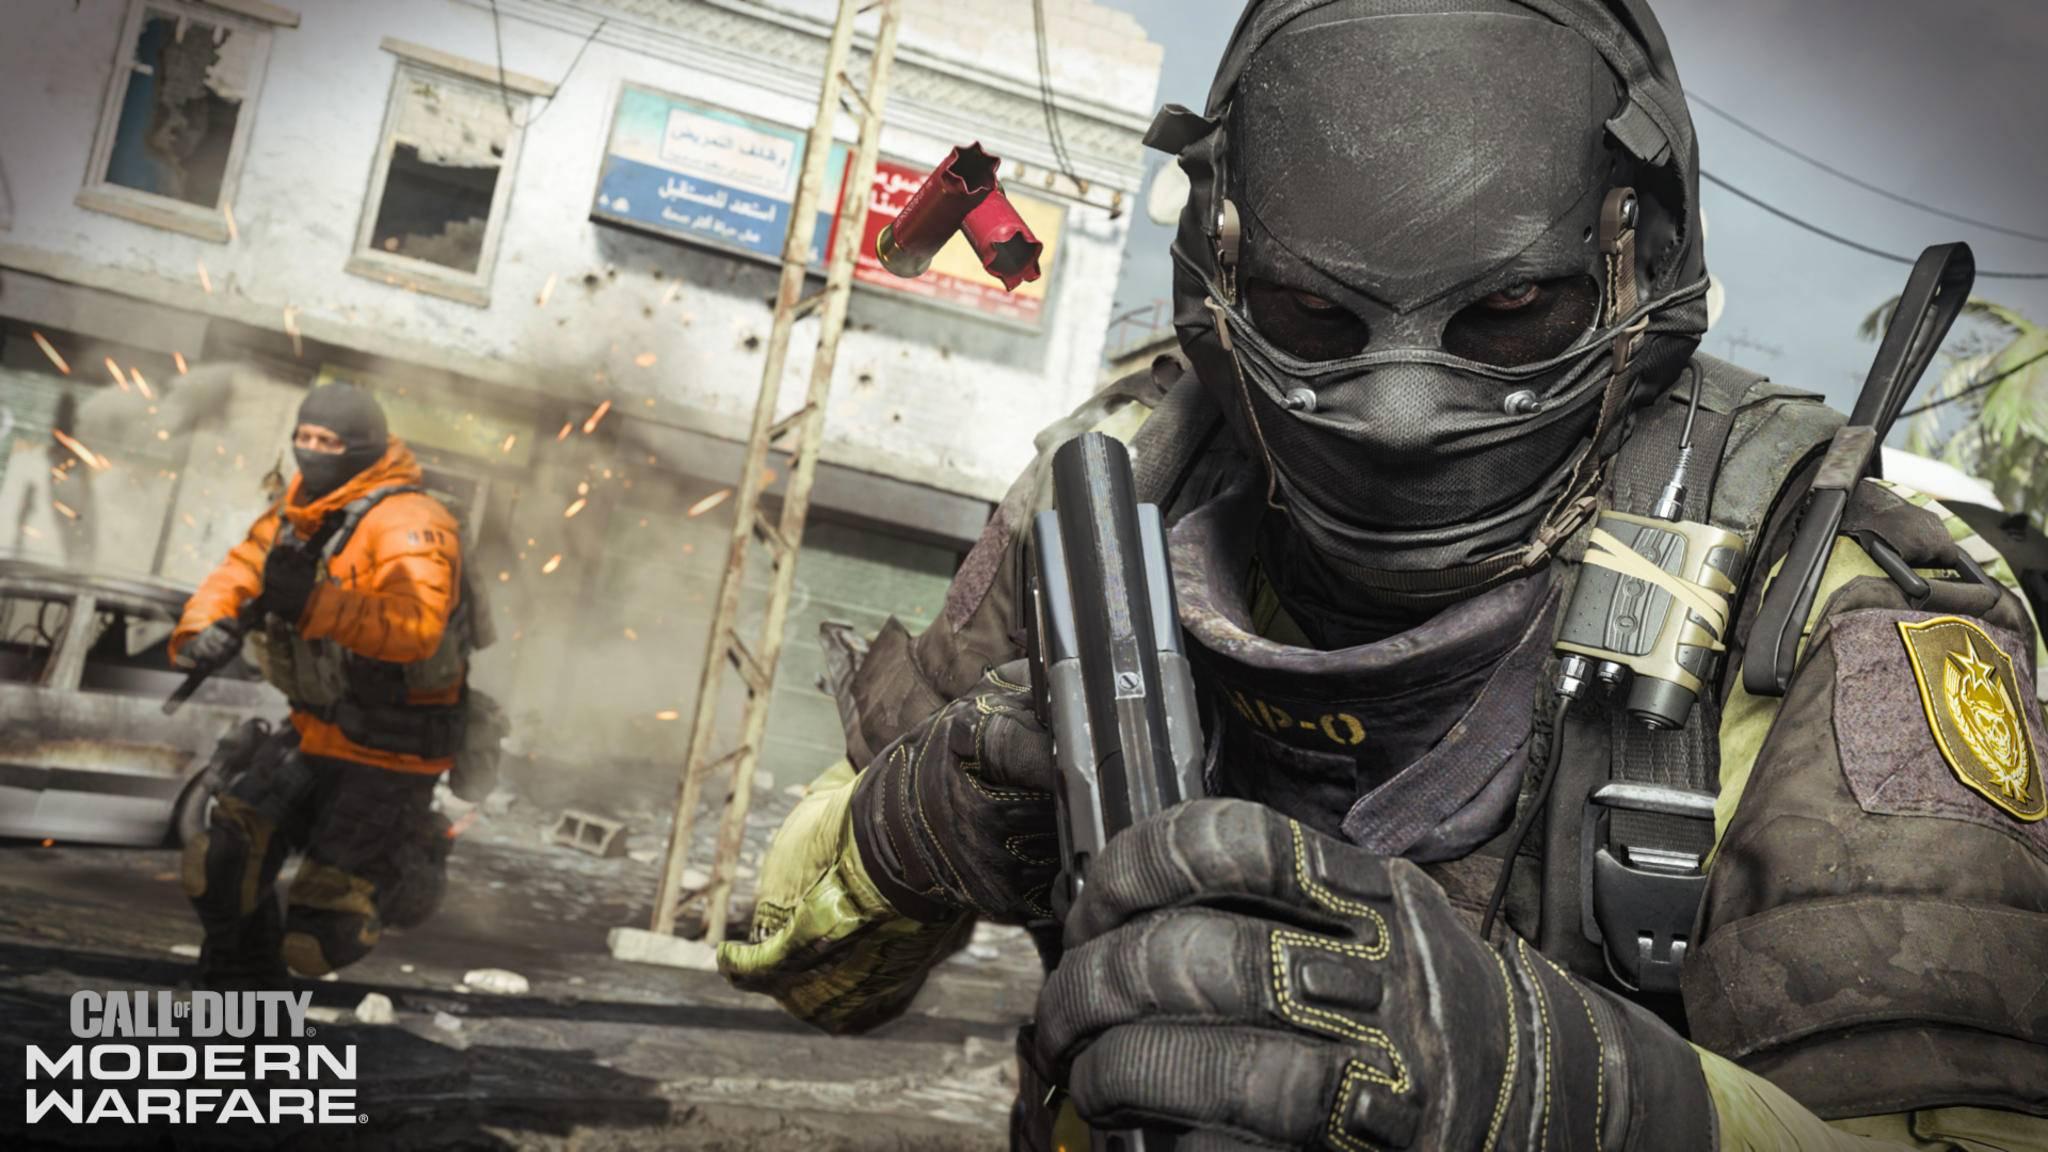 call-of-duty-modern-warfare-season-1-screenshot-01